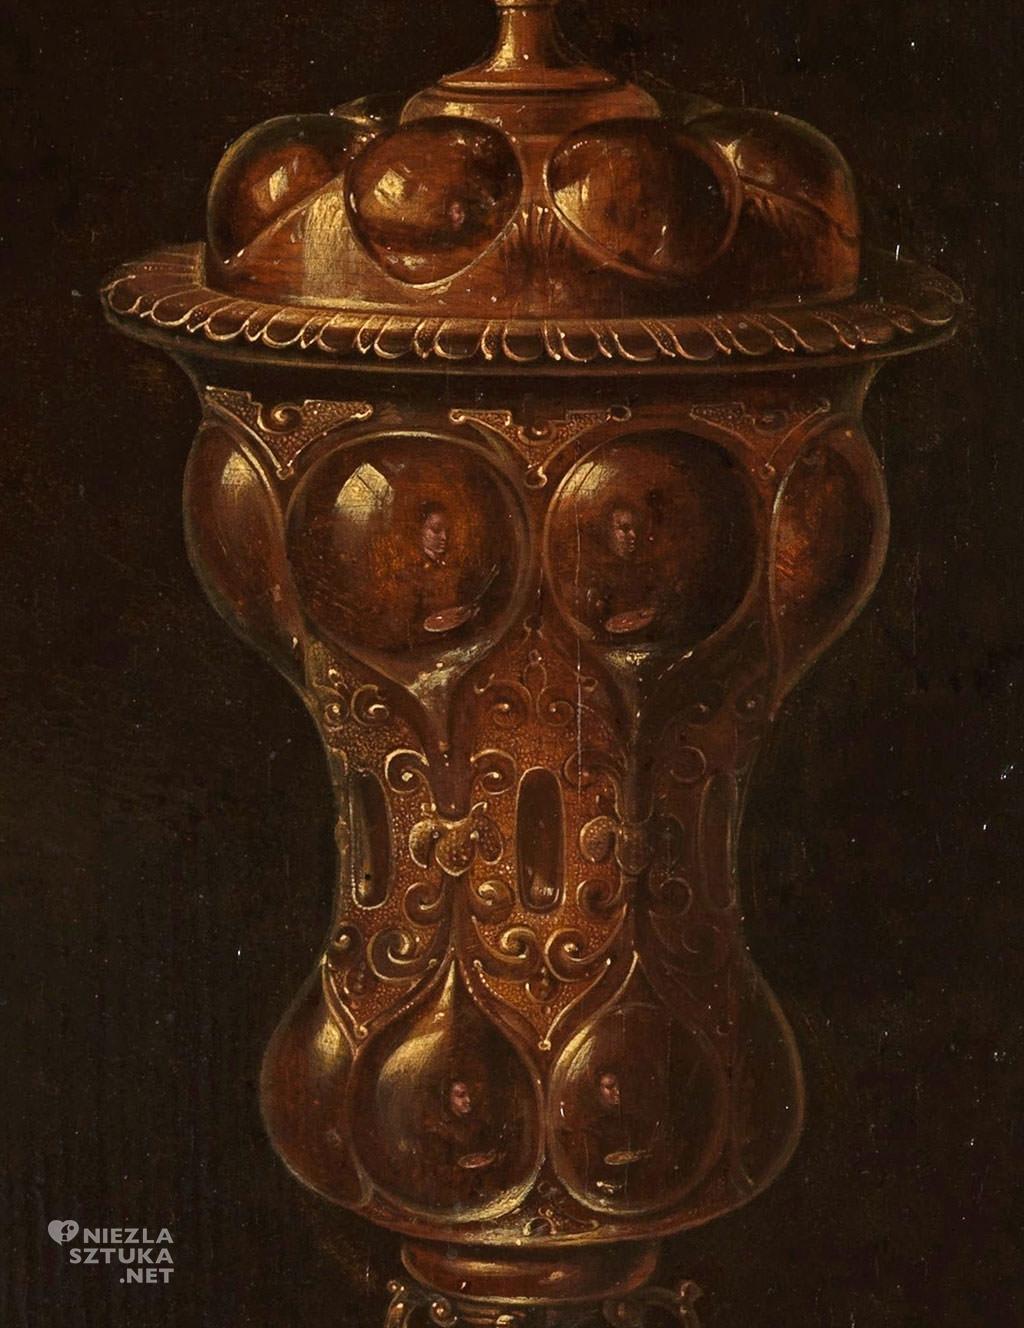 Clara Peeters, Martwa natura z kwiatami i złotymi pucharami, Niezła sztuka